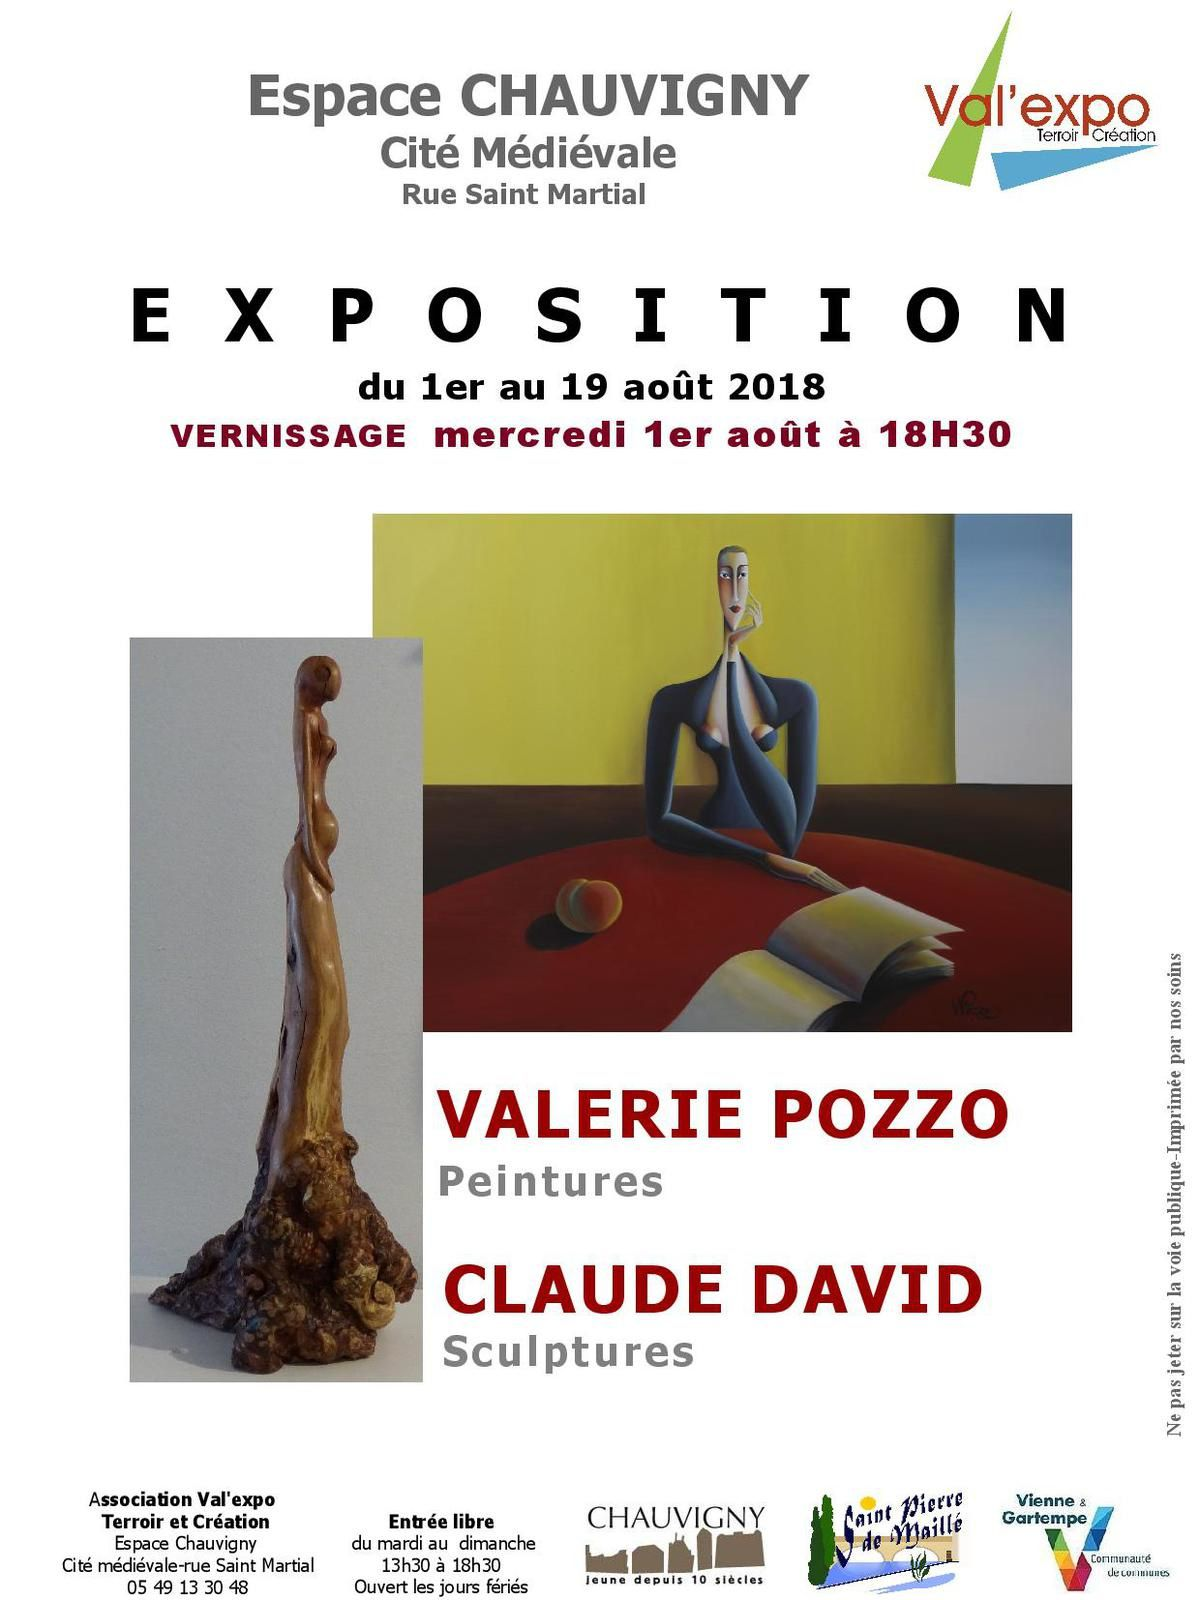 1 au 19 AOUT : EXPOSITION VALERIE POZZO & CLAUDE DAVID A L'ESPACE CHAUVIGNY